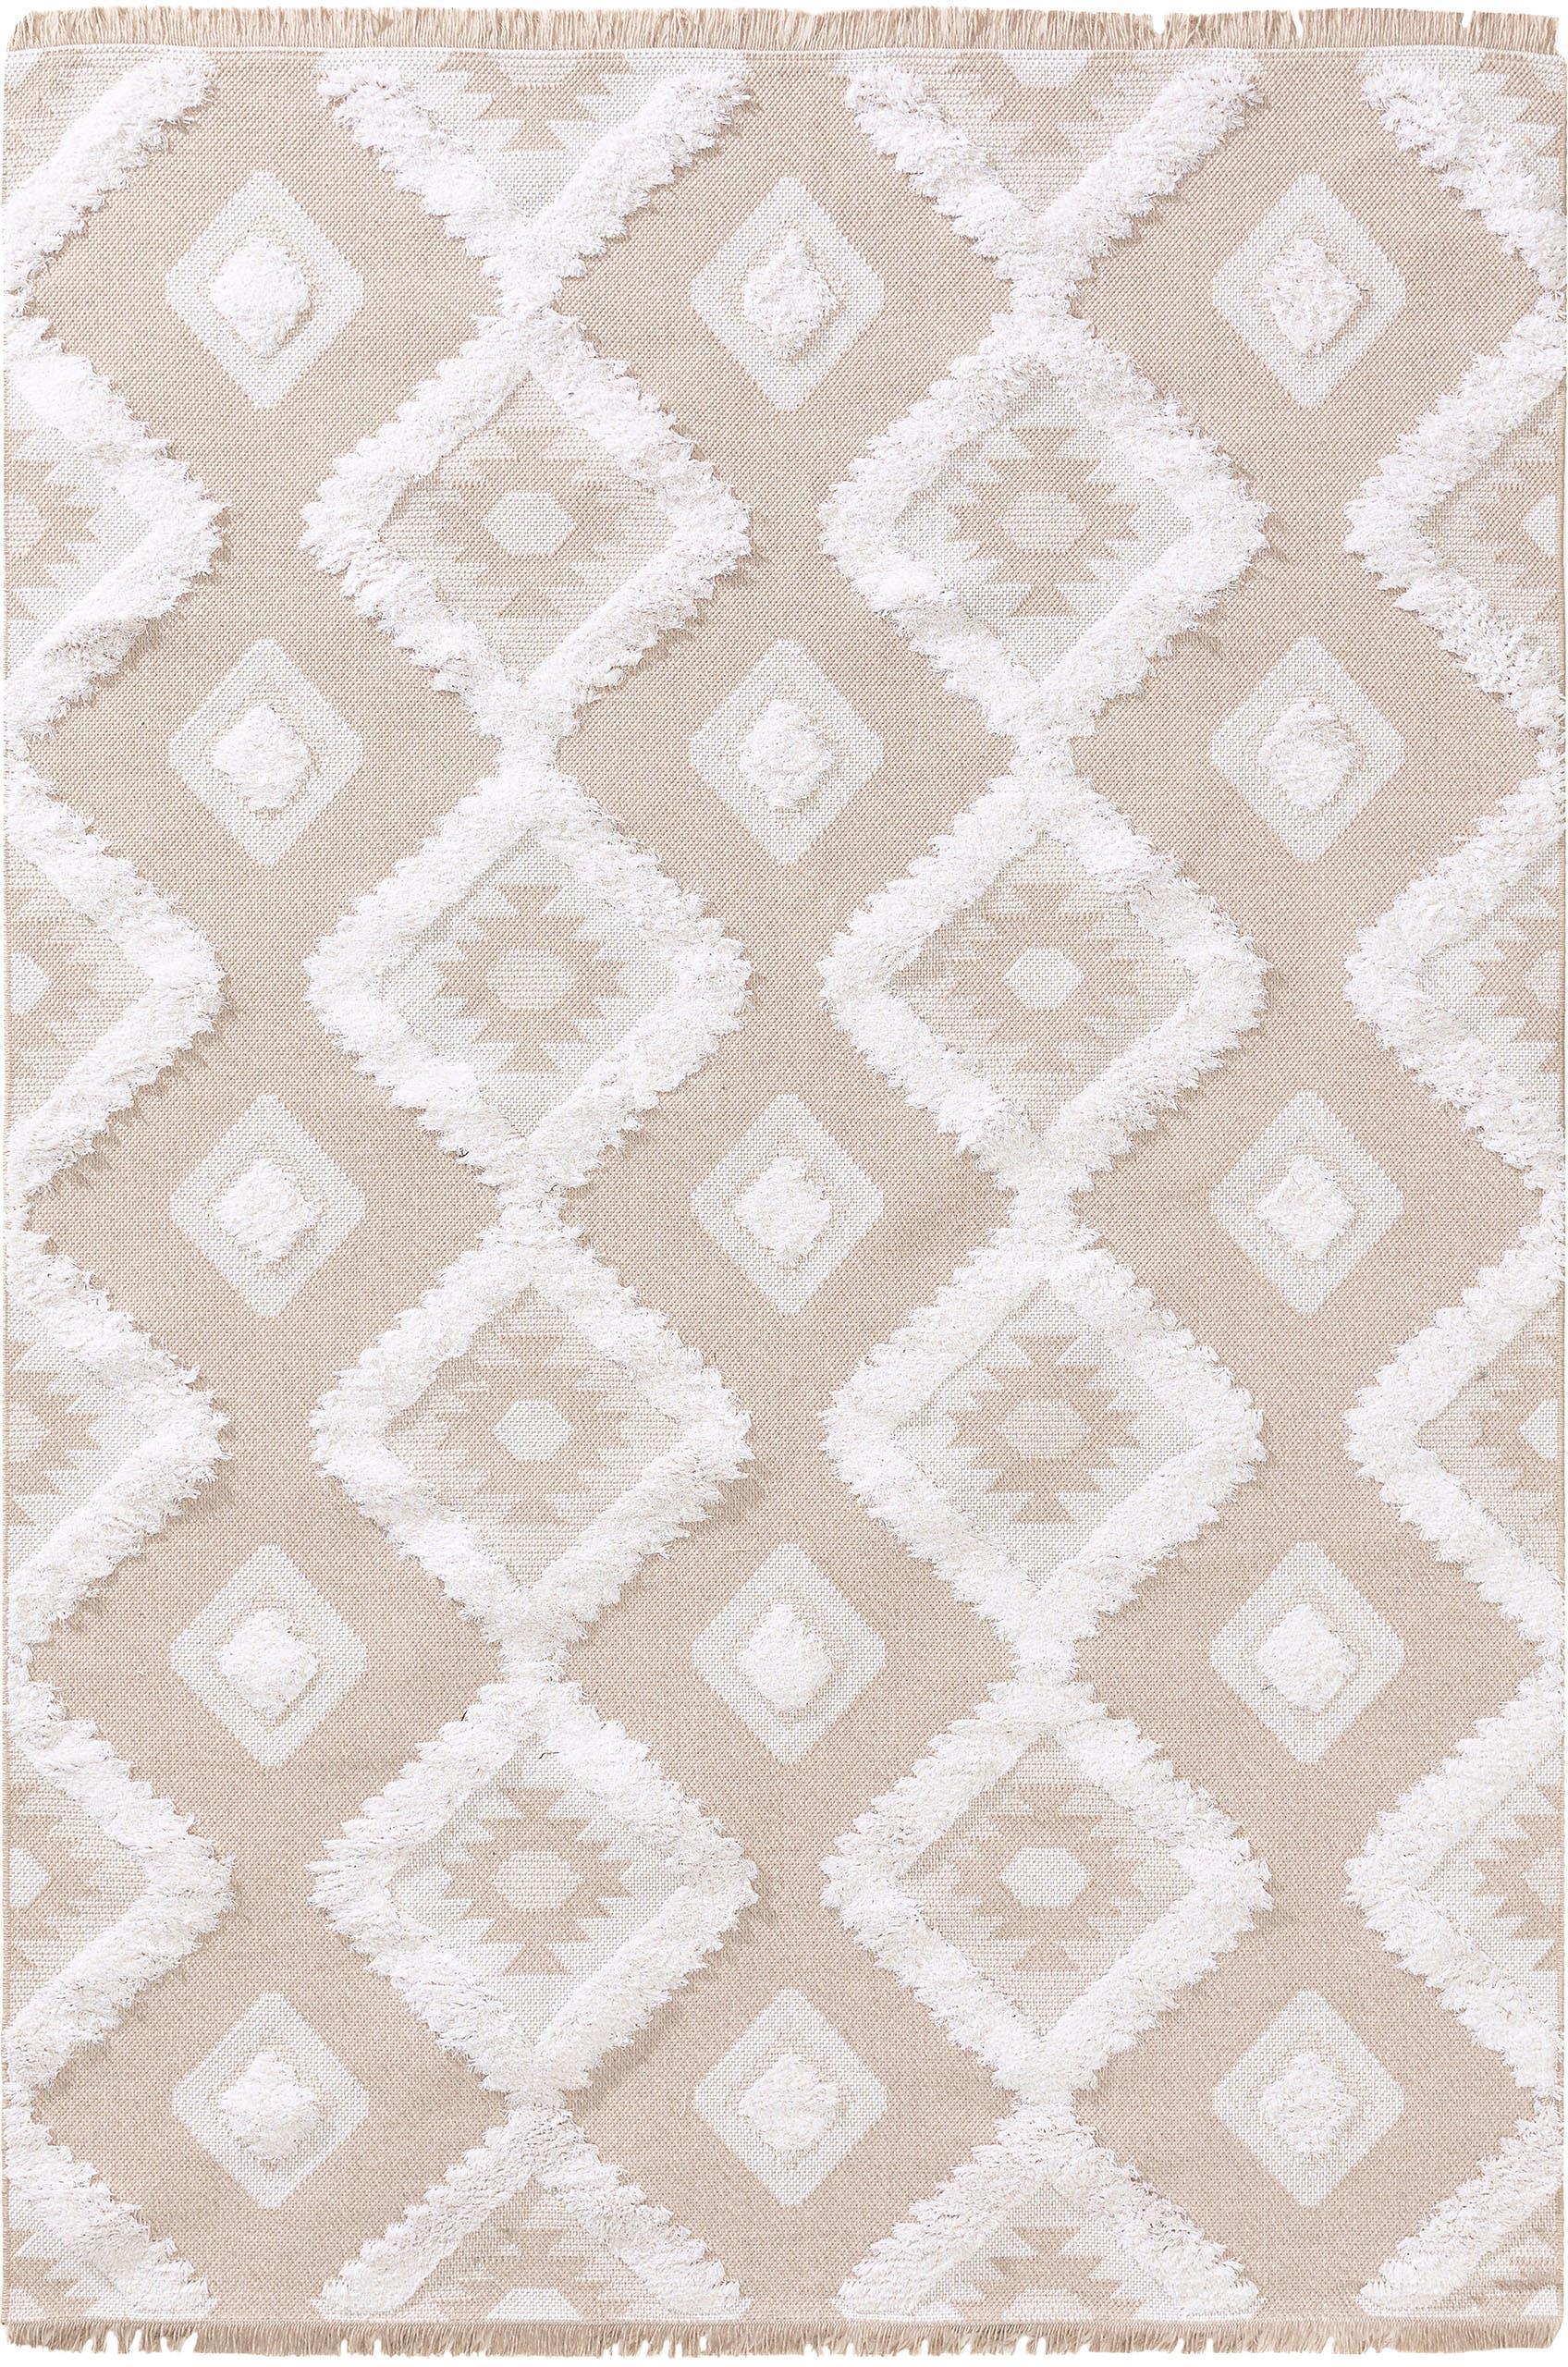 Alfombra lavable de algodón texturizada Oslo Squares, 100%algodón, Blanco crema, beige, An 190 x L 280 cm (Tamaño M)